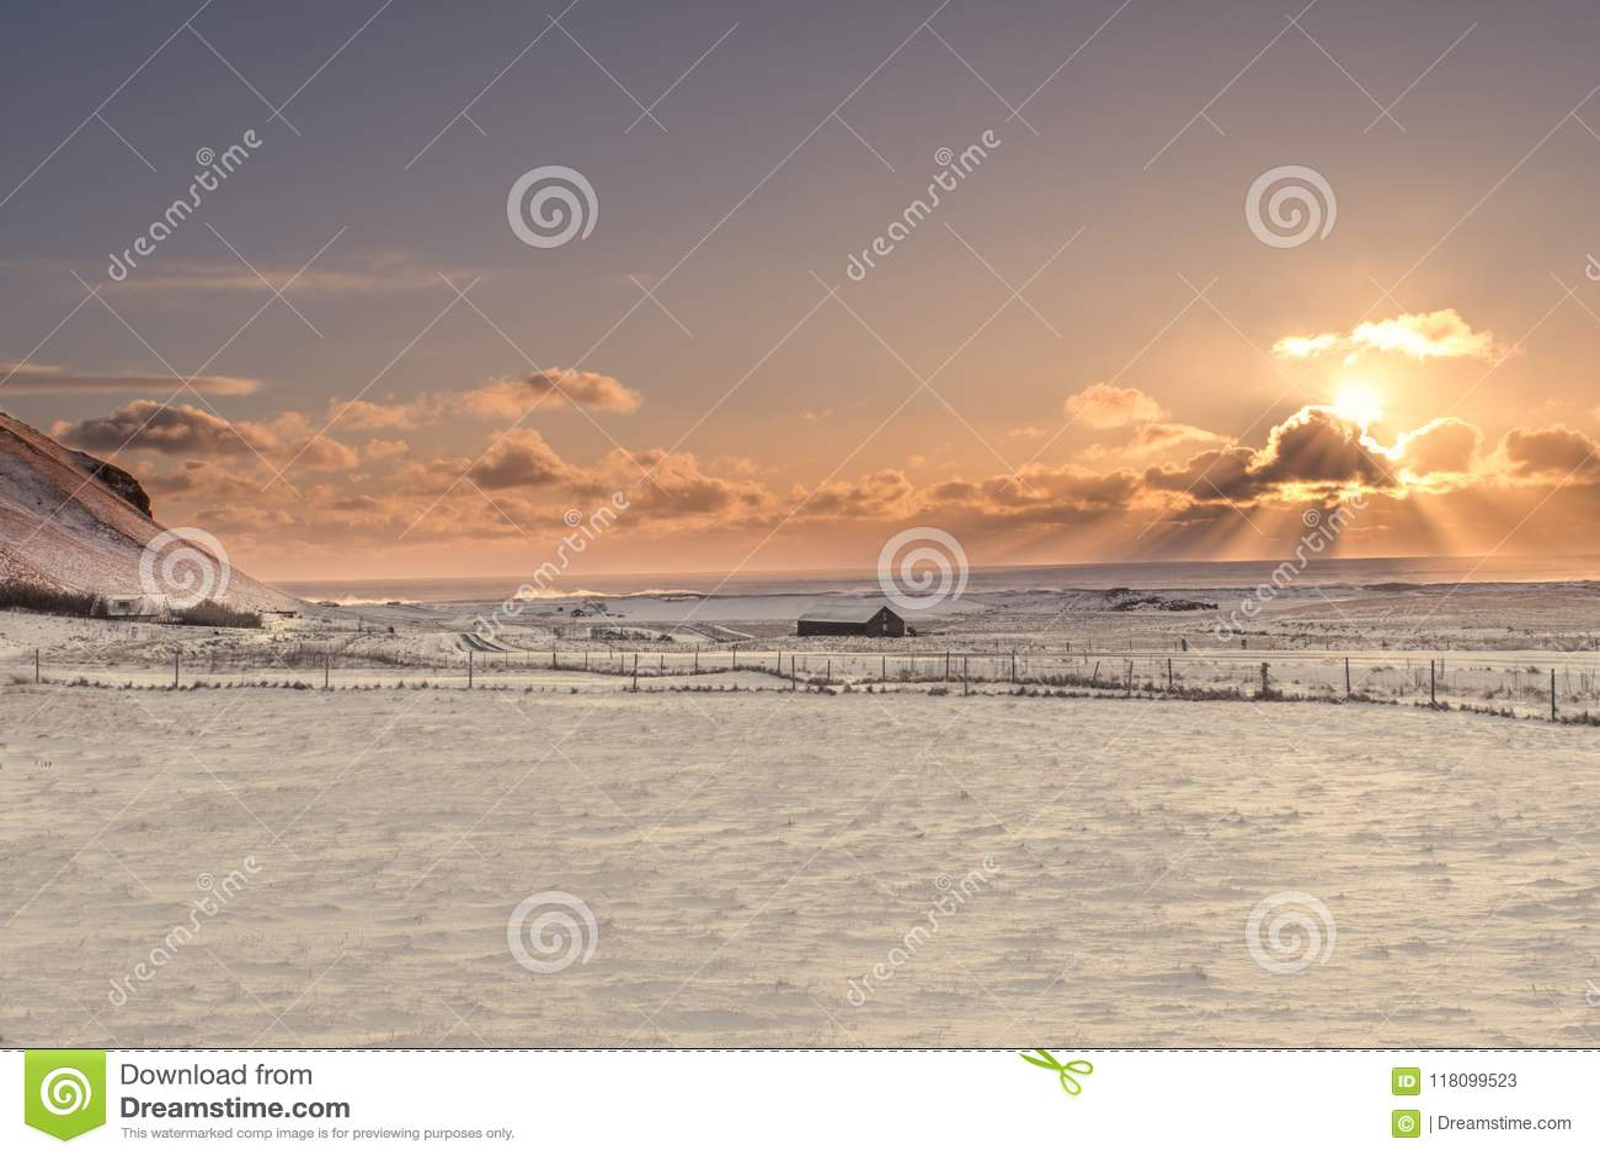 Die Sonne birst von hinten eine Wolke über der gefrorenen Landschaft von